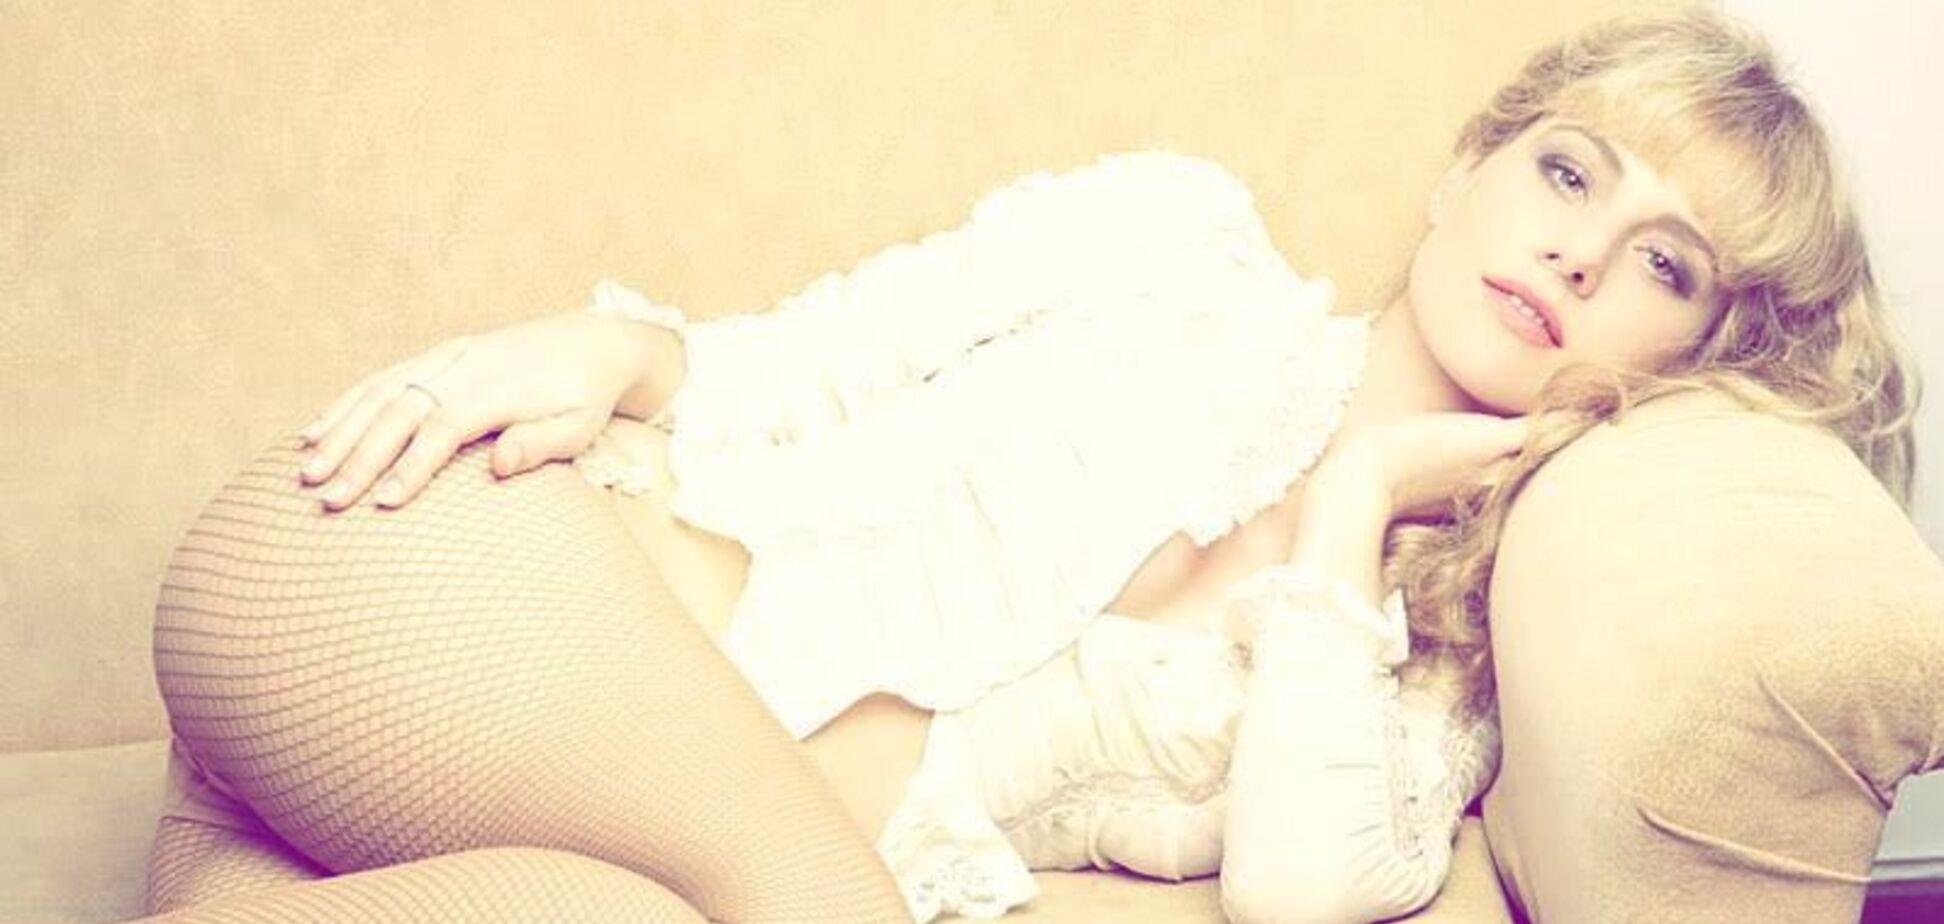 Мейтал Дохан: гарячі фото молодої коханки Аль Пачино